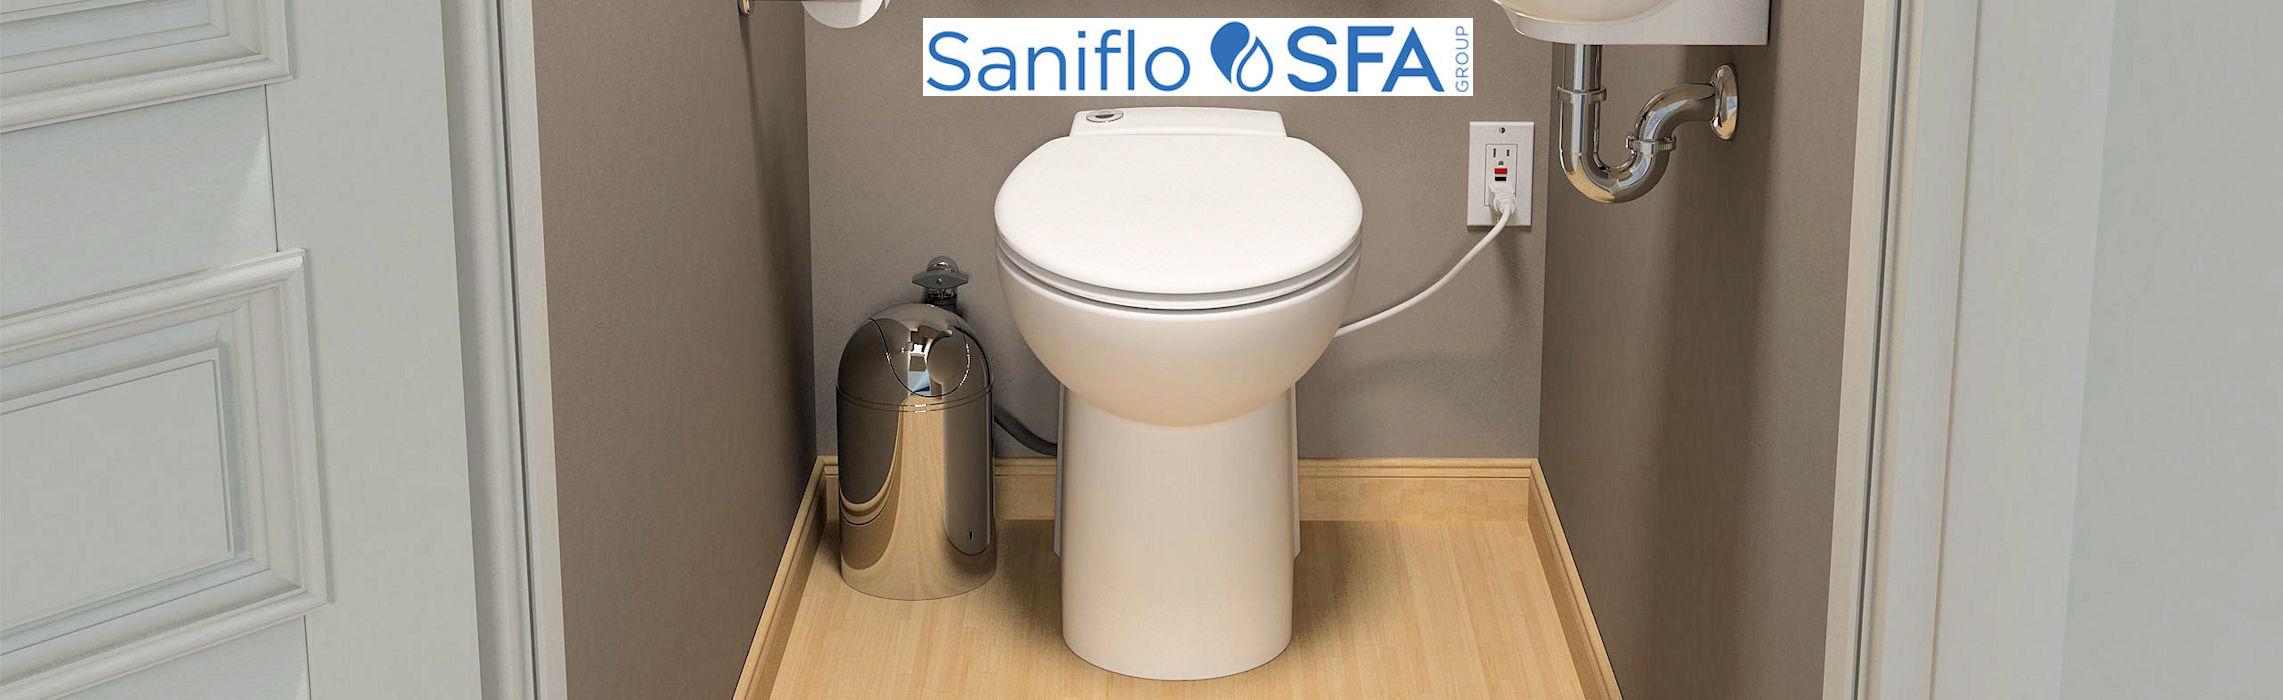 2020_Saniflo_Sanicompact_mascerating_toilet_w_logo